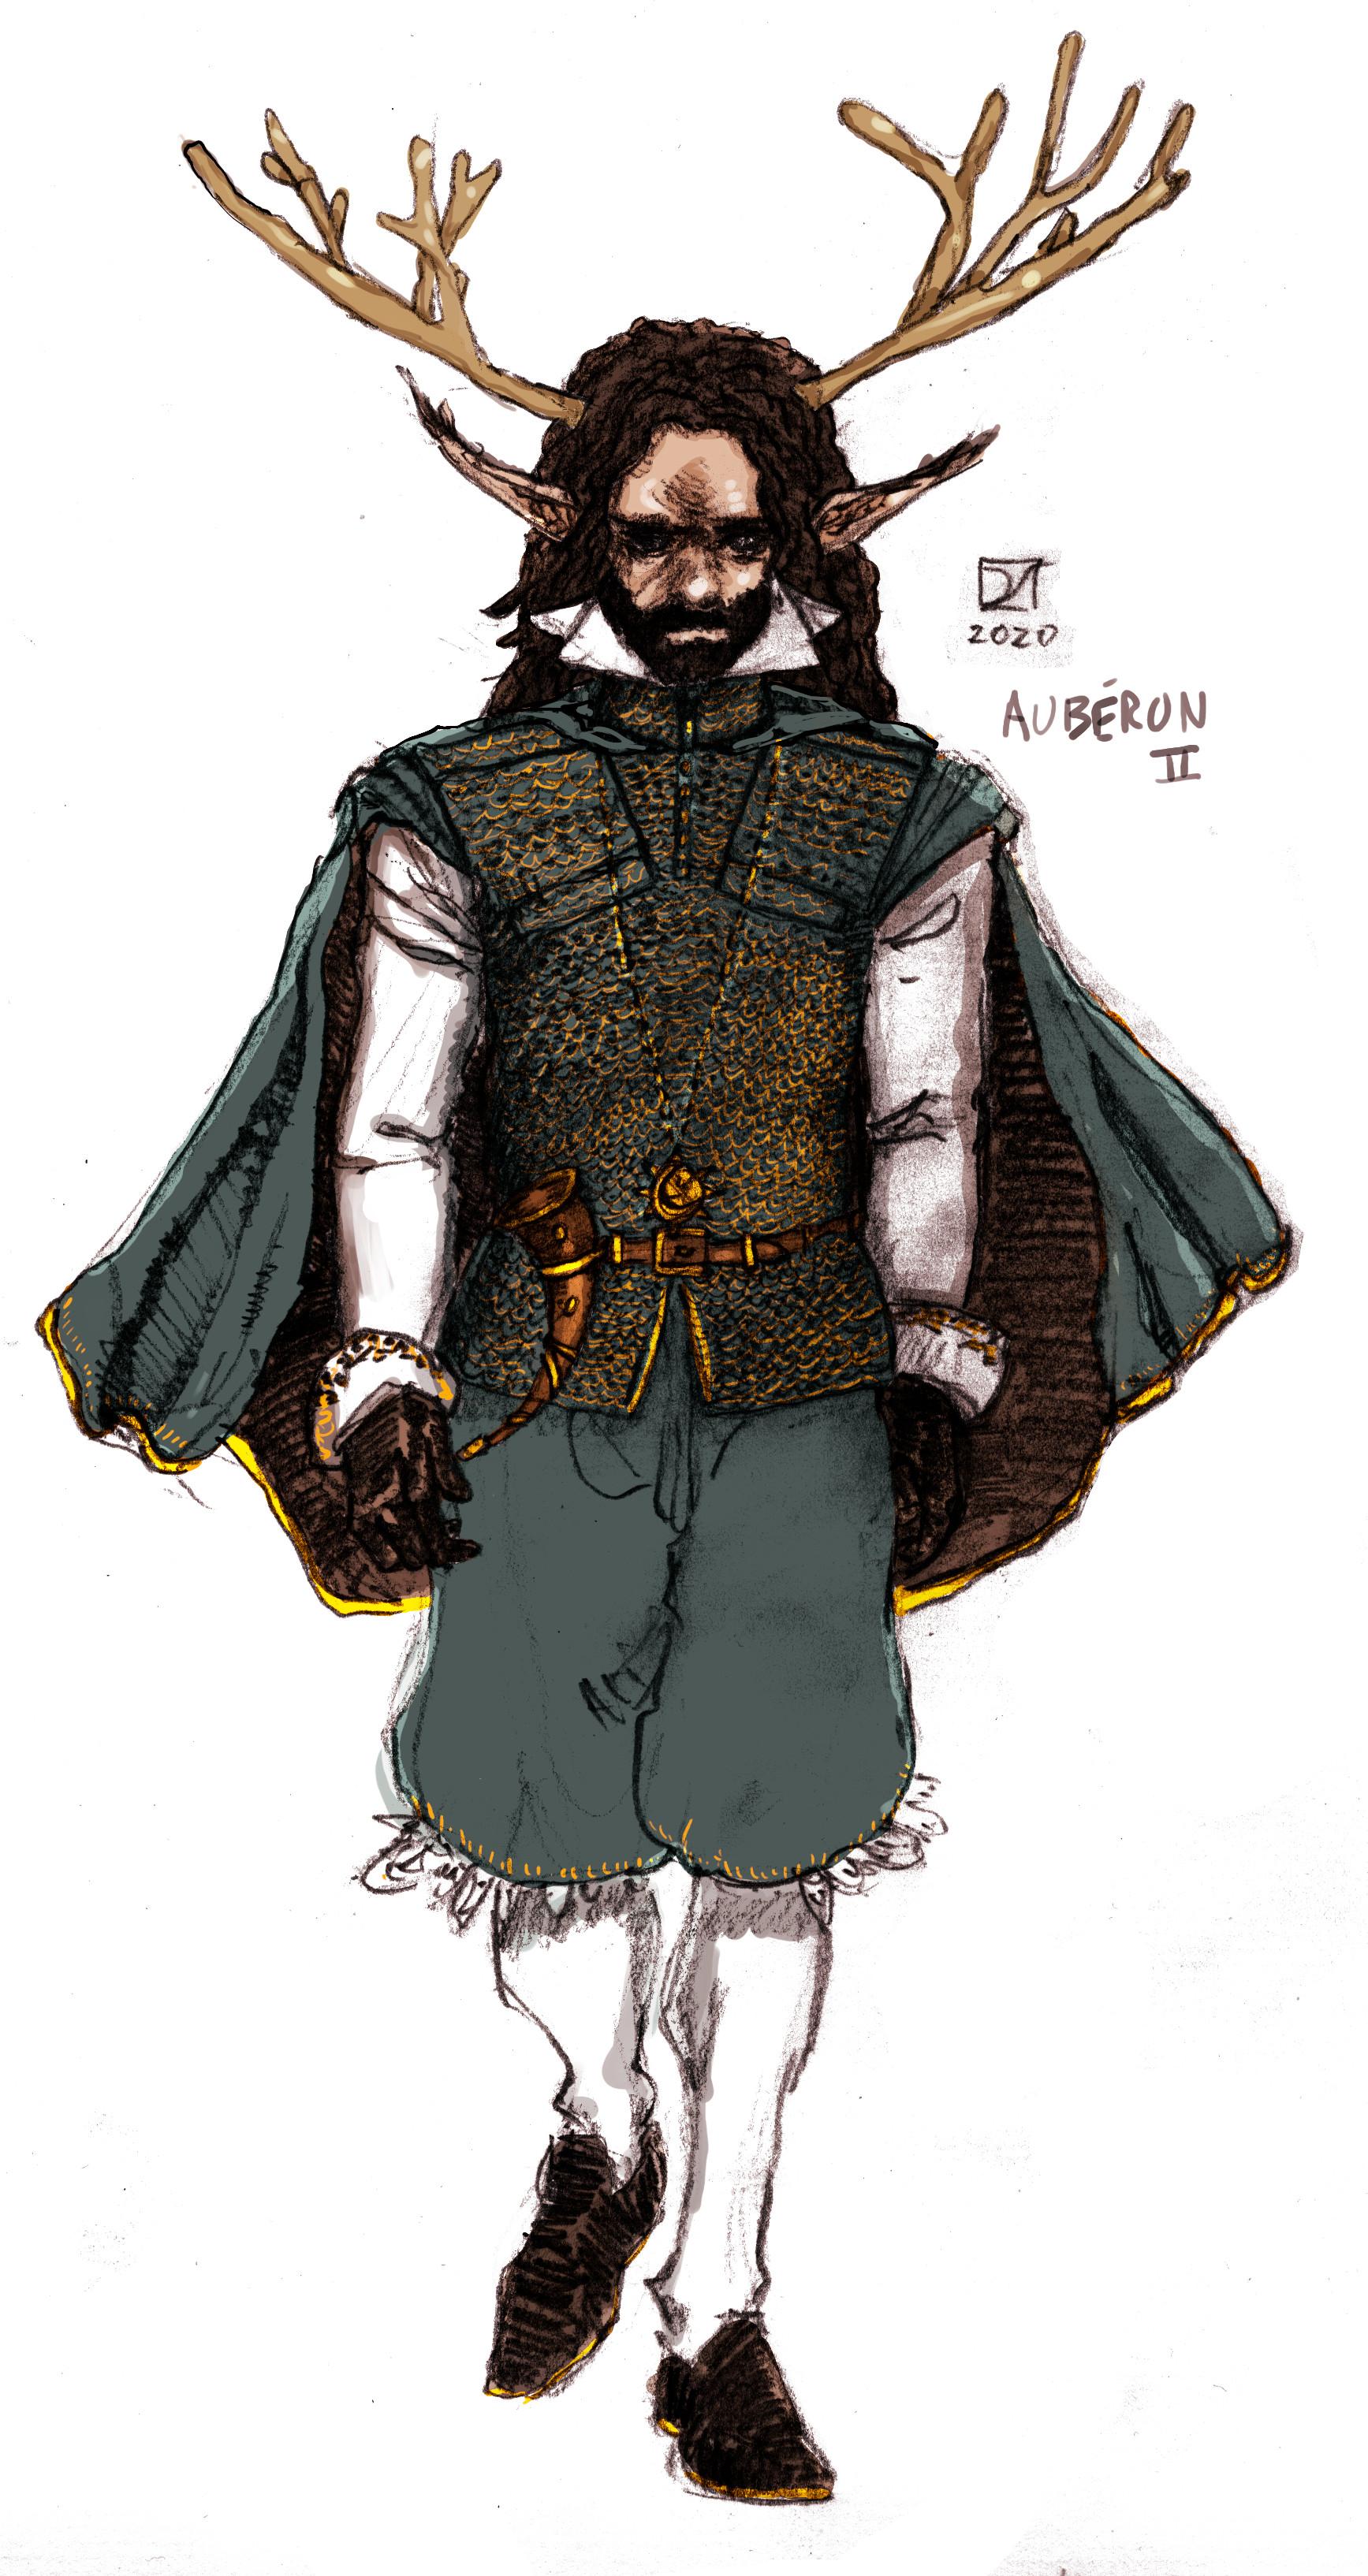 L'ECHANGELIN - Aubéron II